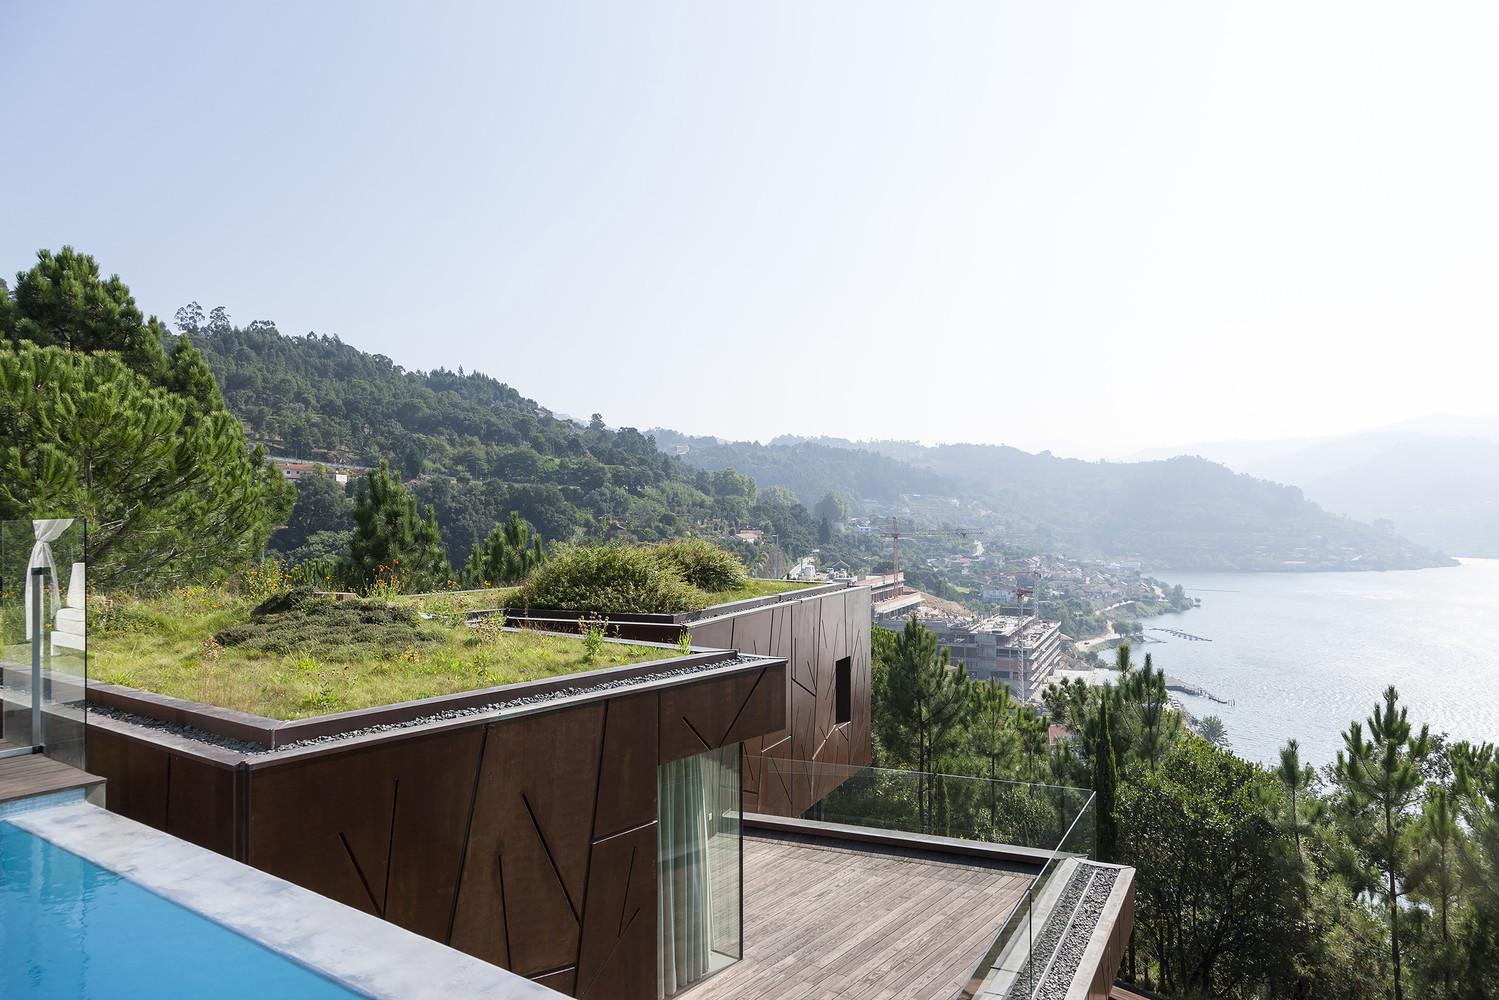 Casa Vale do douro Mjarc Arquitectos